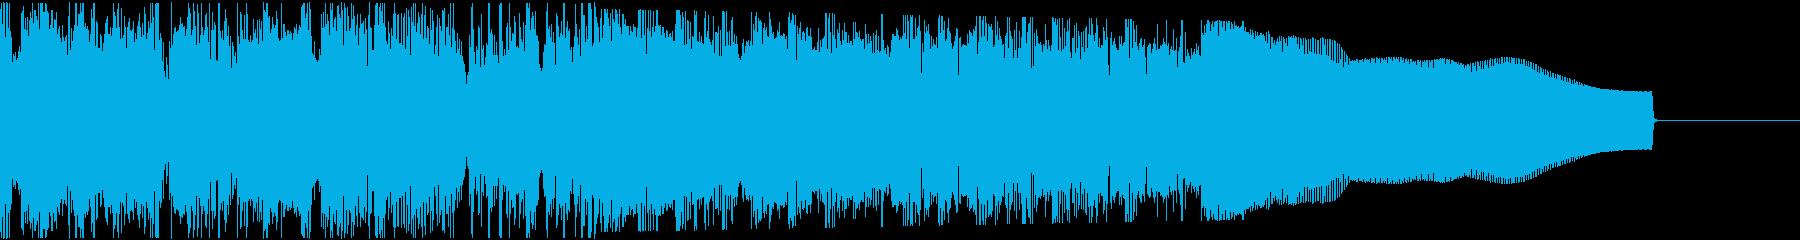 カントリー風ギターイントロ−06Dの再生済みの波形